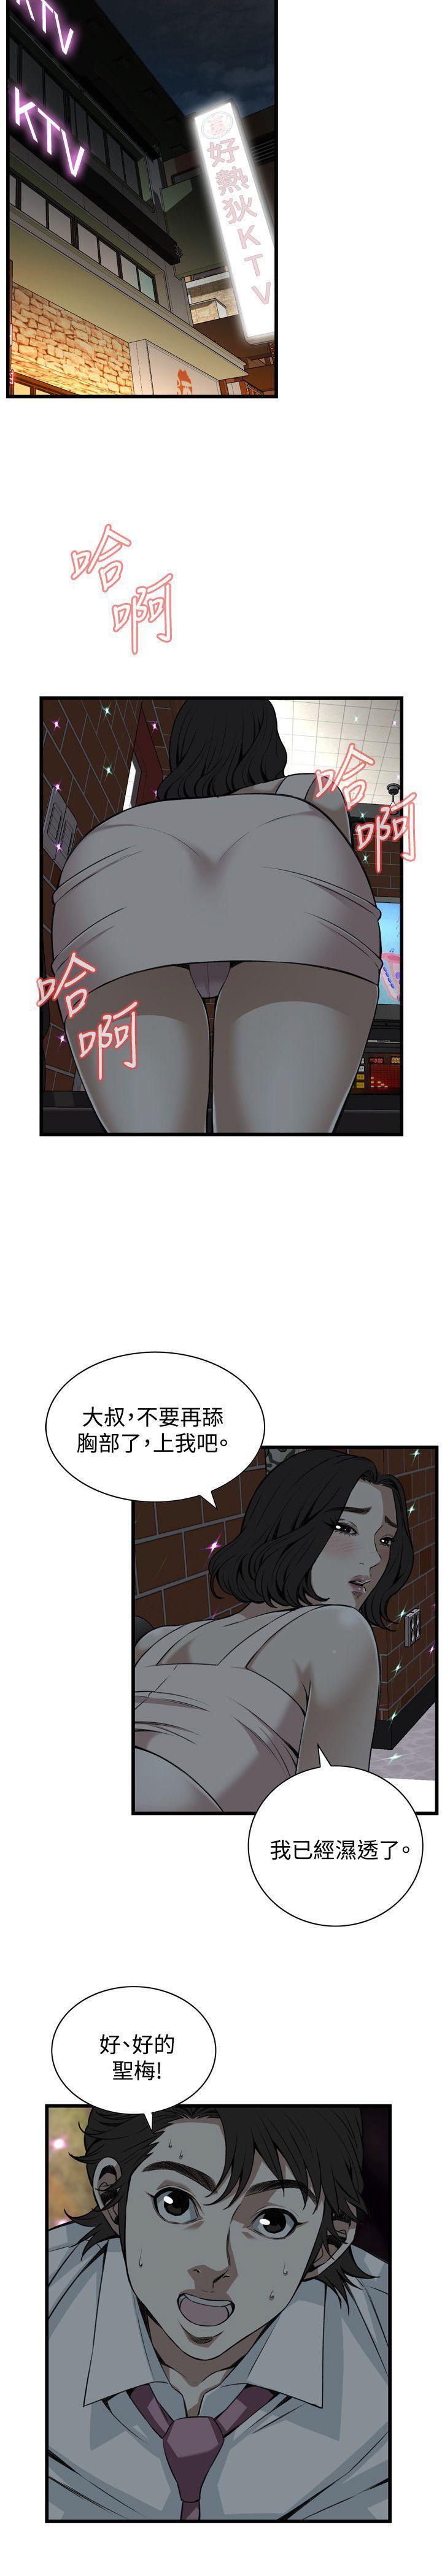 偷窥72-93 Chinese Rsiky 420